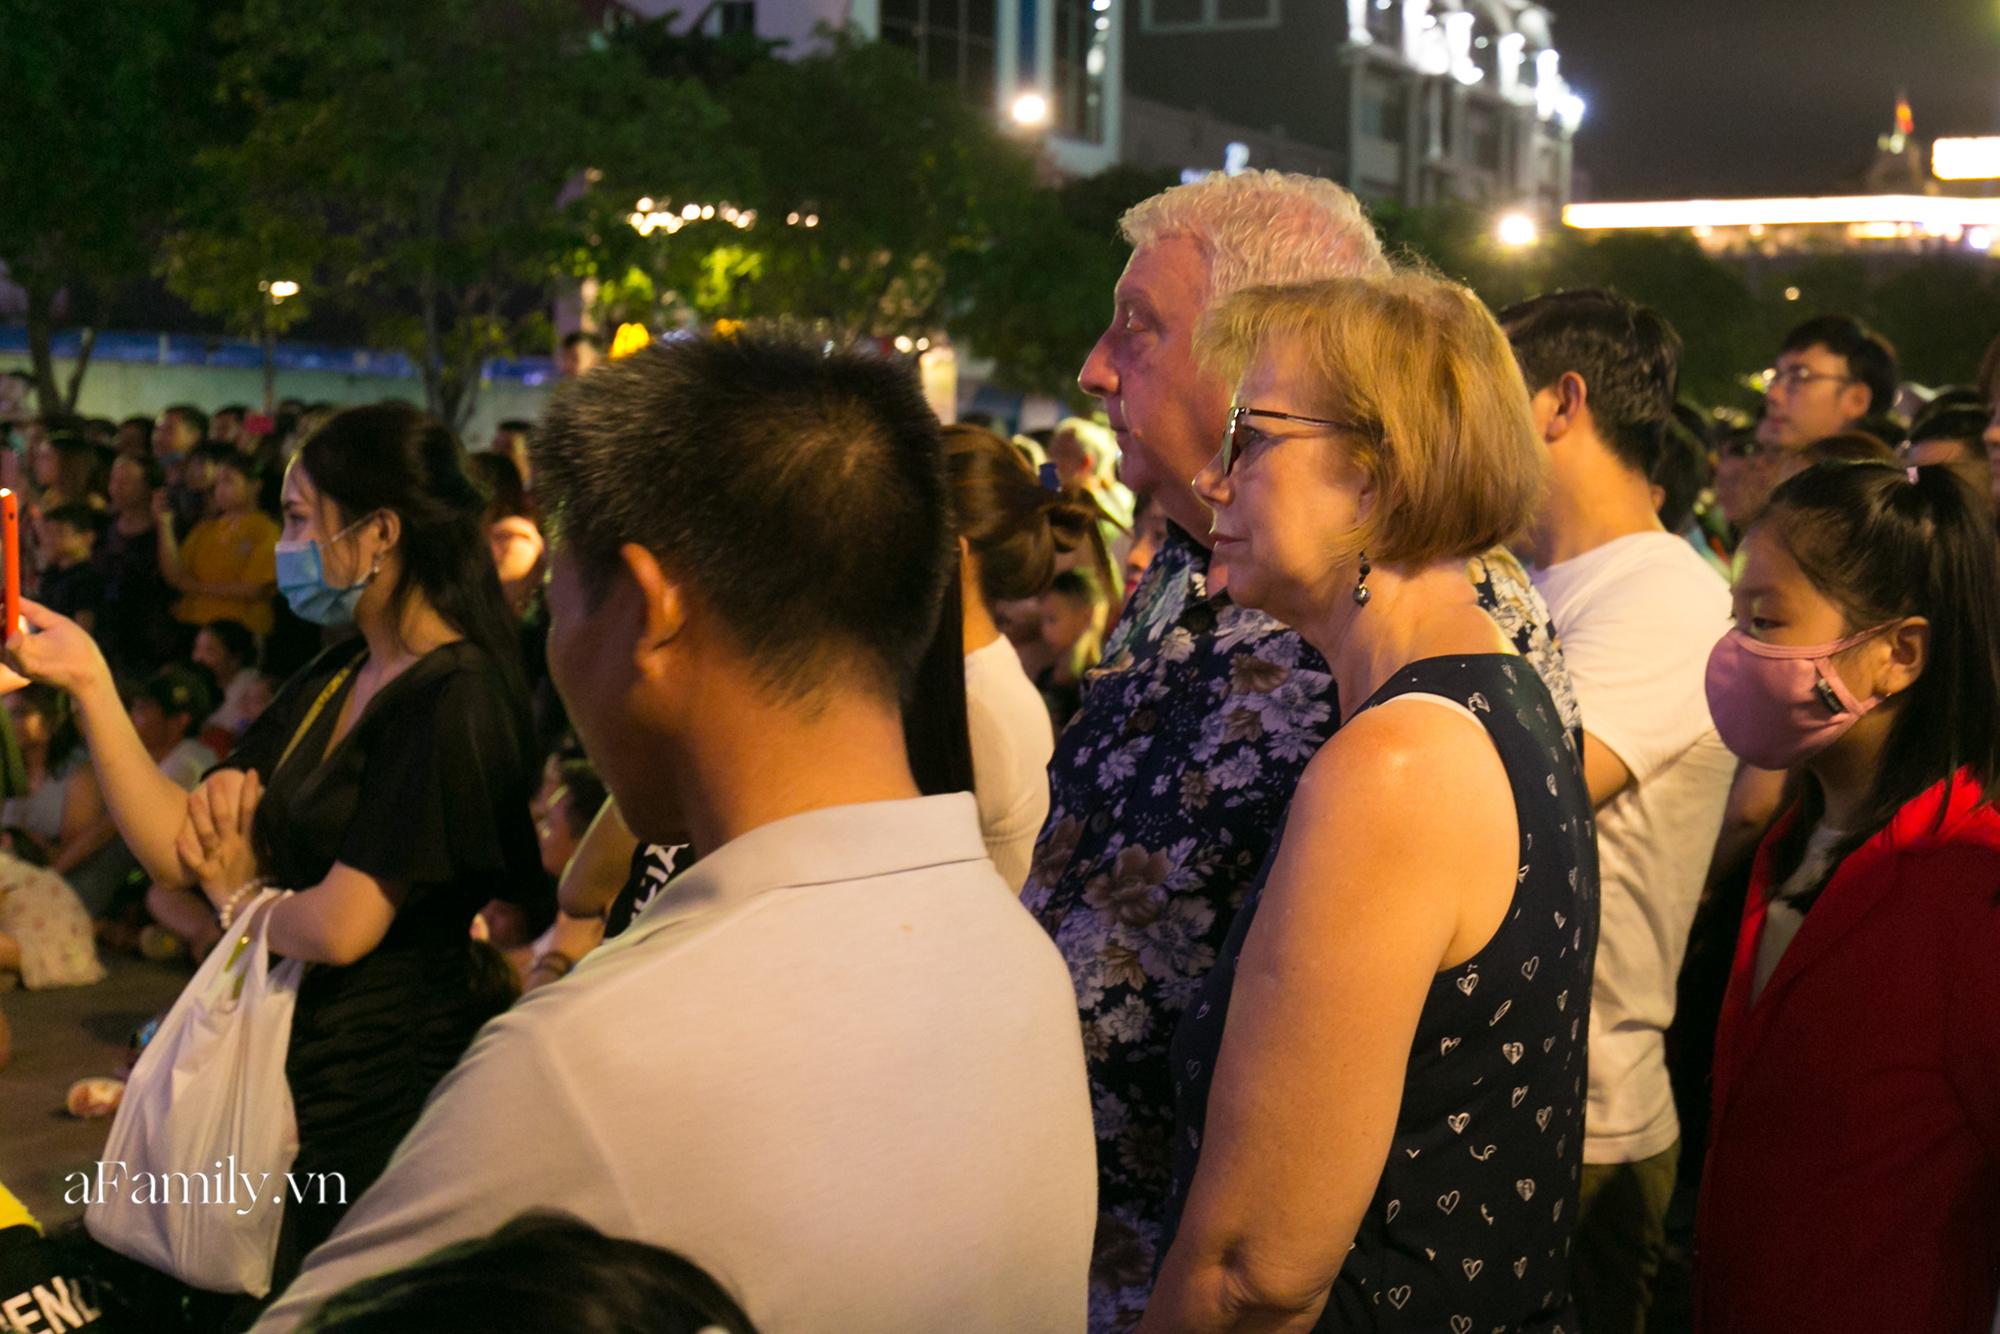 Phố đi bộ Nguyễn Huệ bắt đầu tổ chức các hoạt động biểu diễn nghệ thuật đường phố miễn phí và đây là tuần đầu tiên người Sài Gòn được trải nghiệm - Ảnh 9.